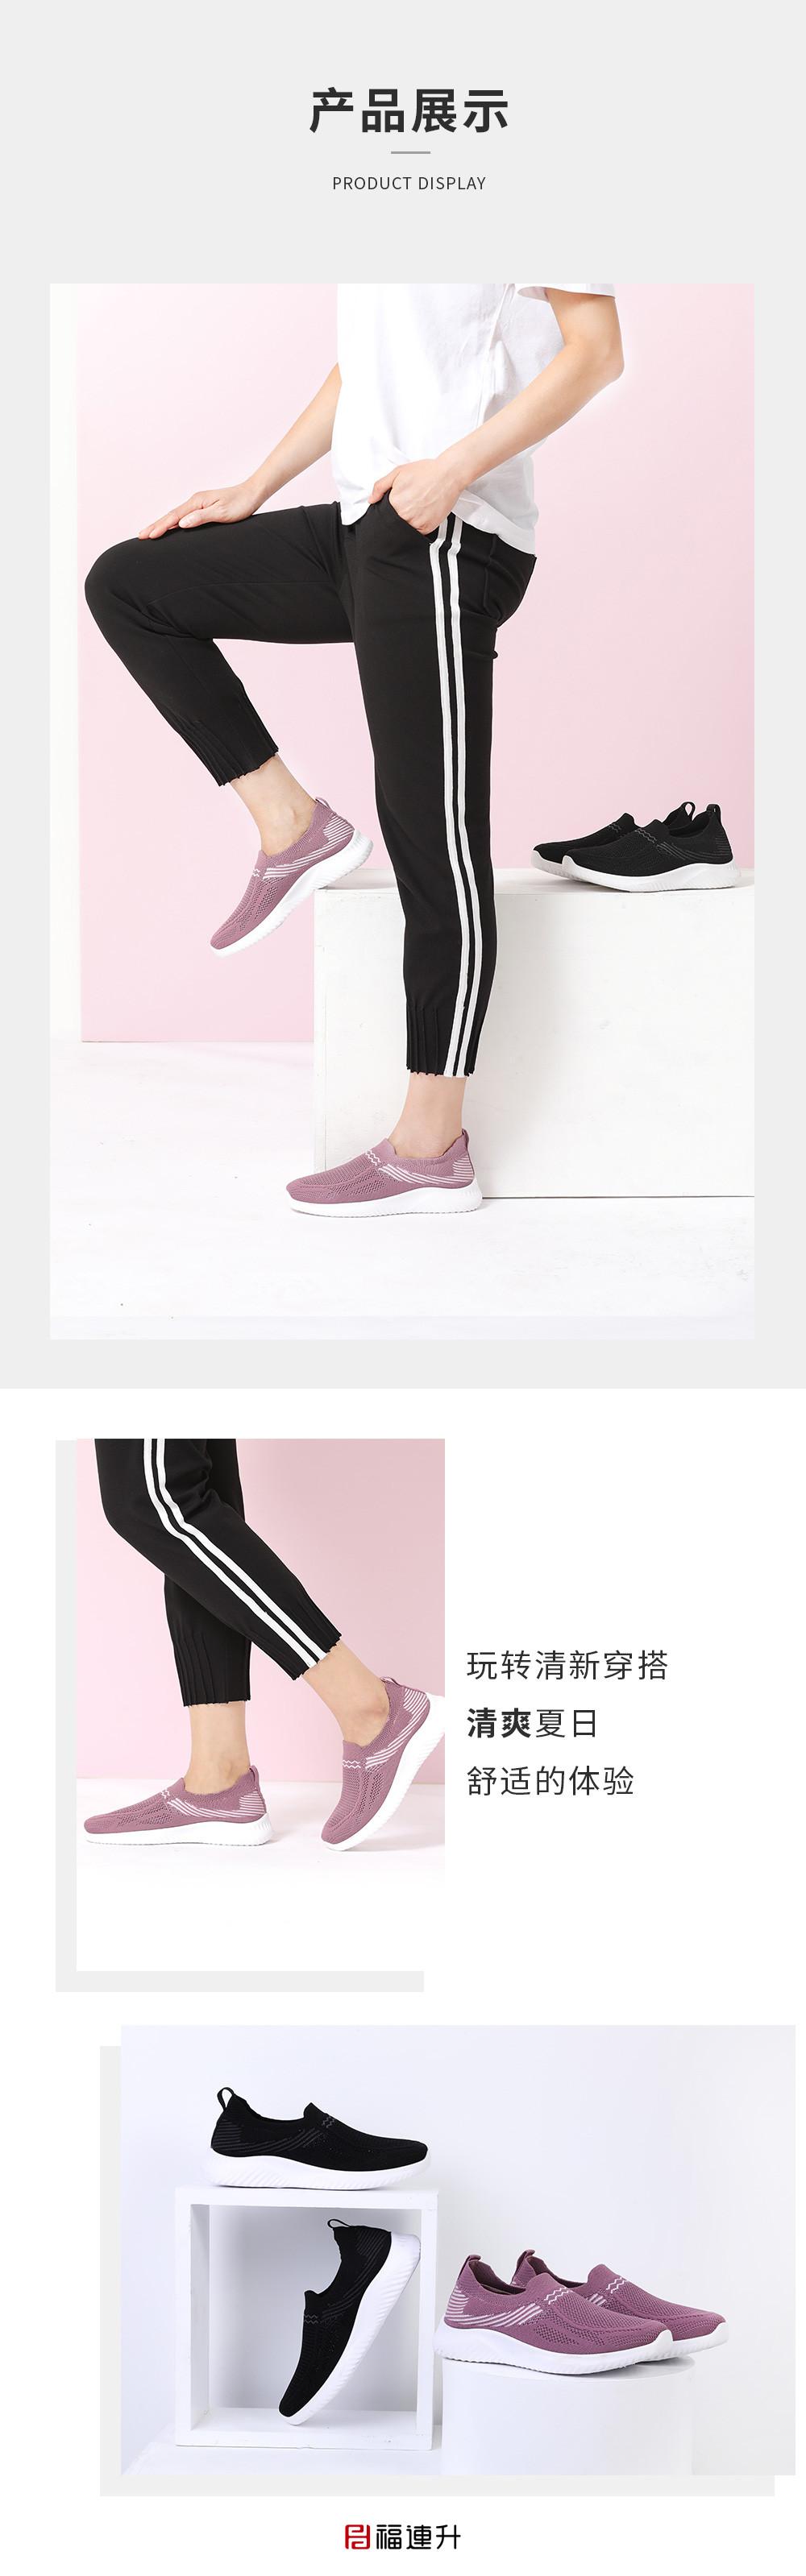 福连升夏休闲轻便透气袜子鞋老北京布鞋女凉鞋图片